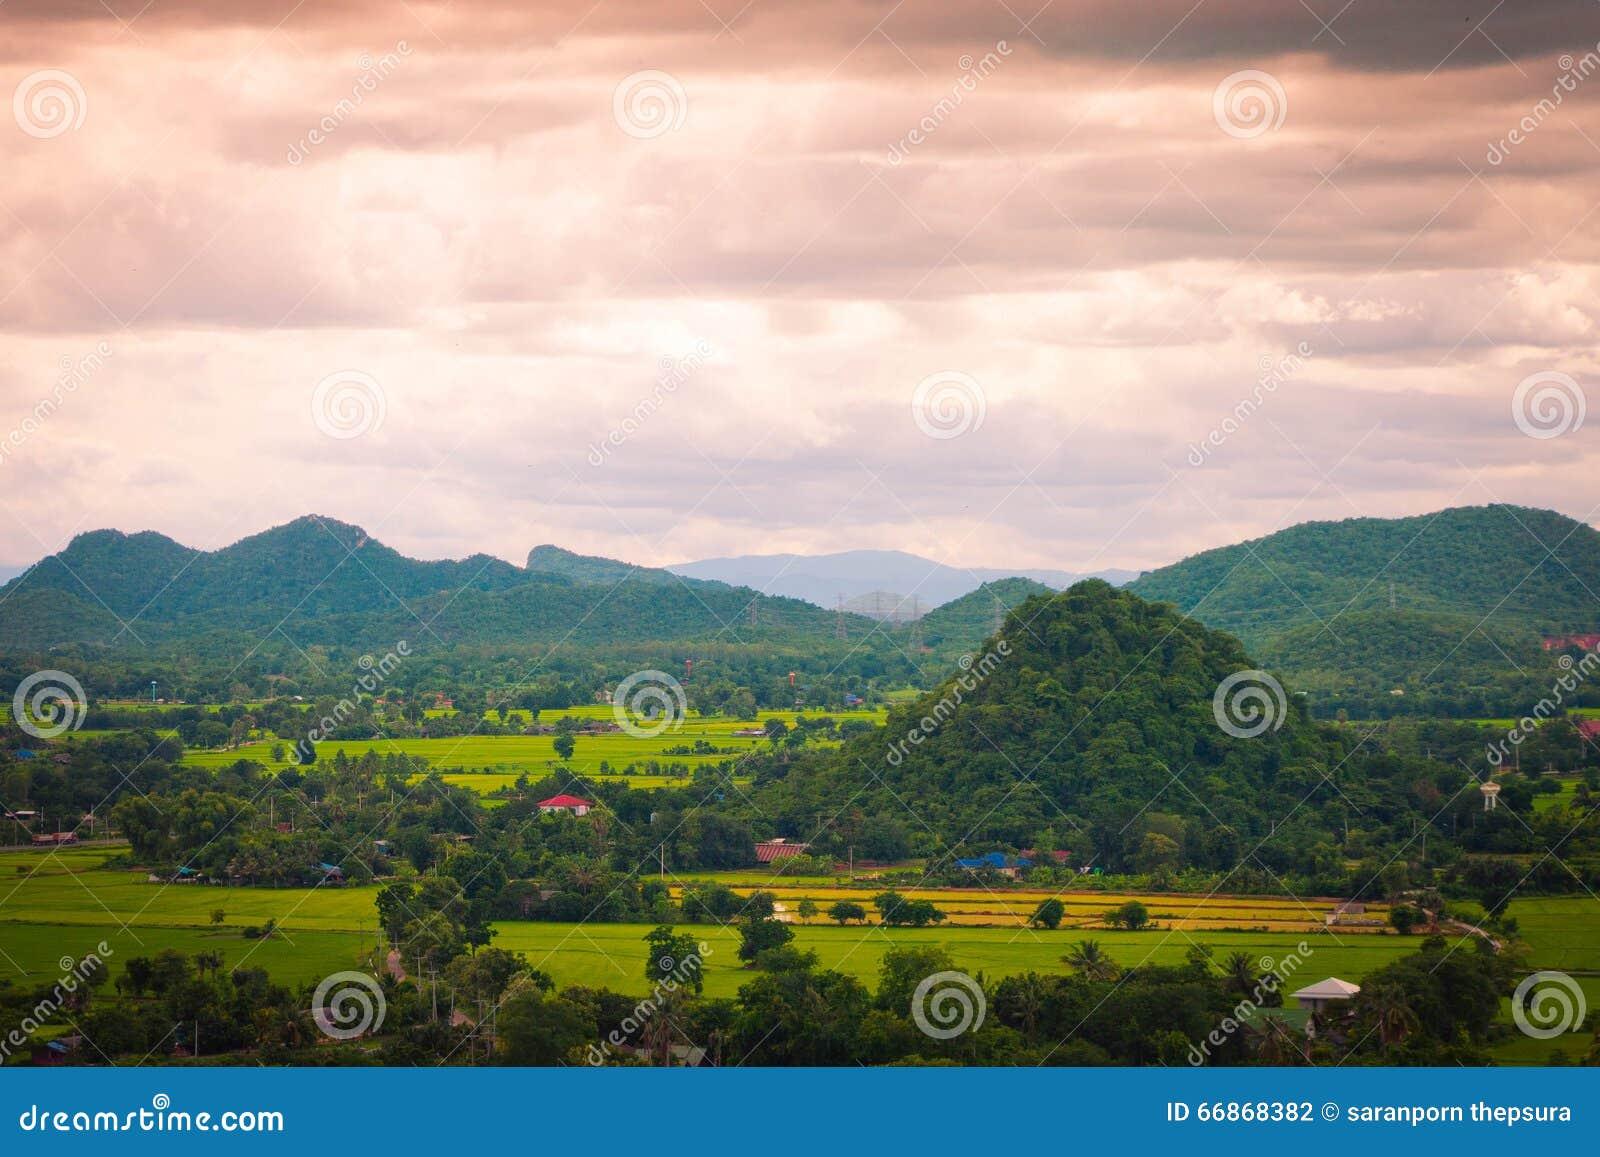 泰国山�^_农村城市和山泰国风景在蓝天下.